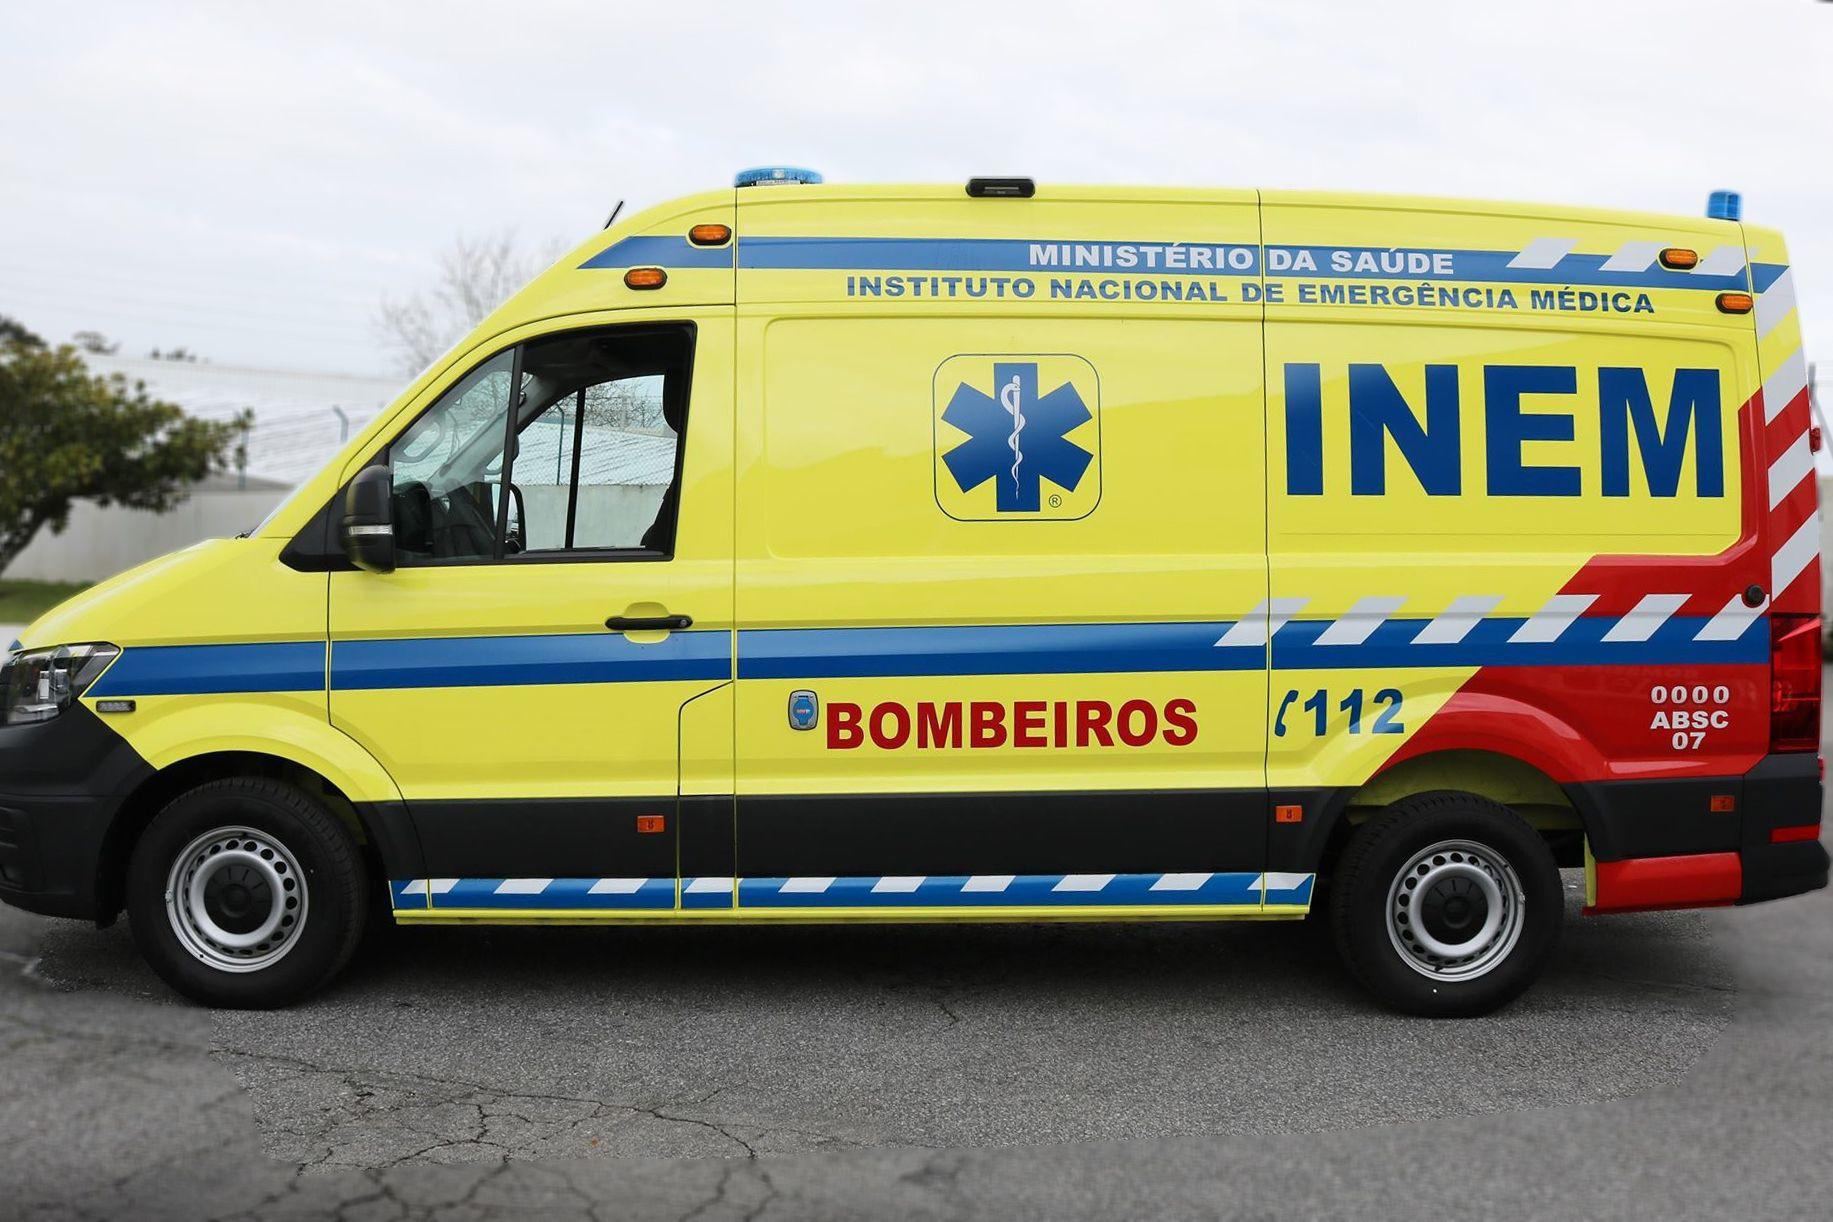 Homem baleado é ferido grave e foi para Hospital São Francisco Xavier